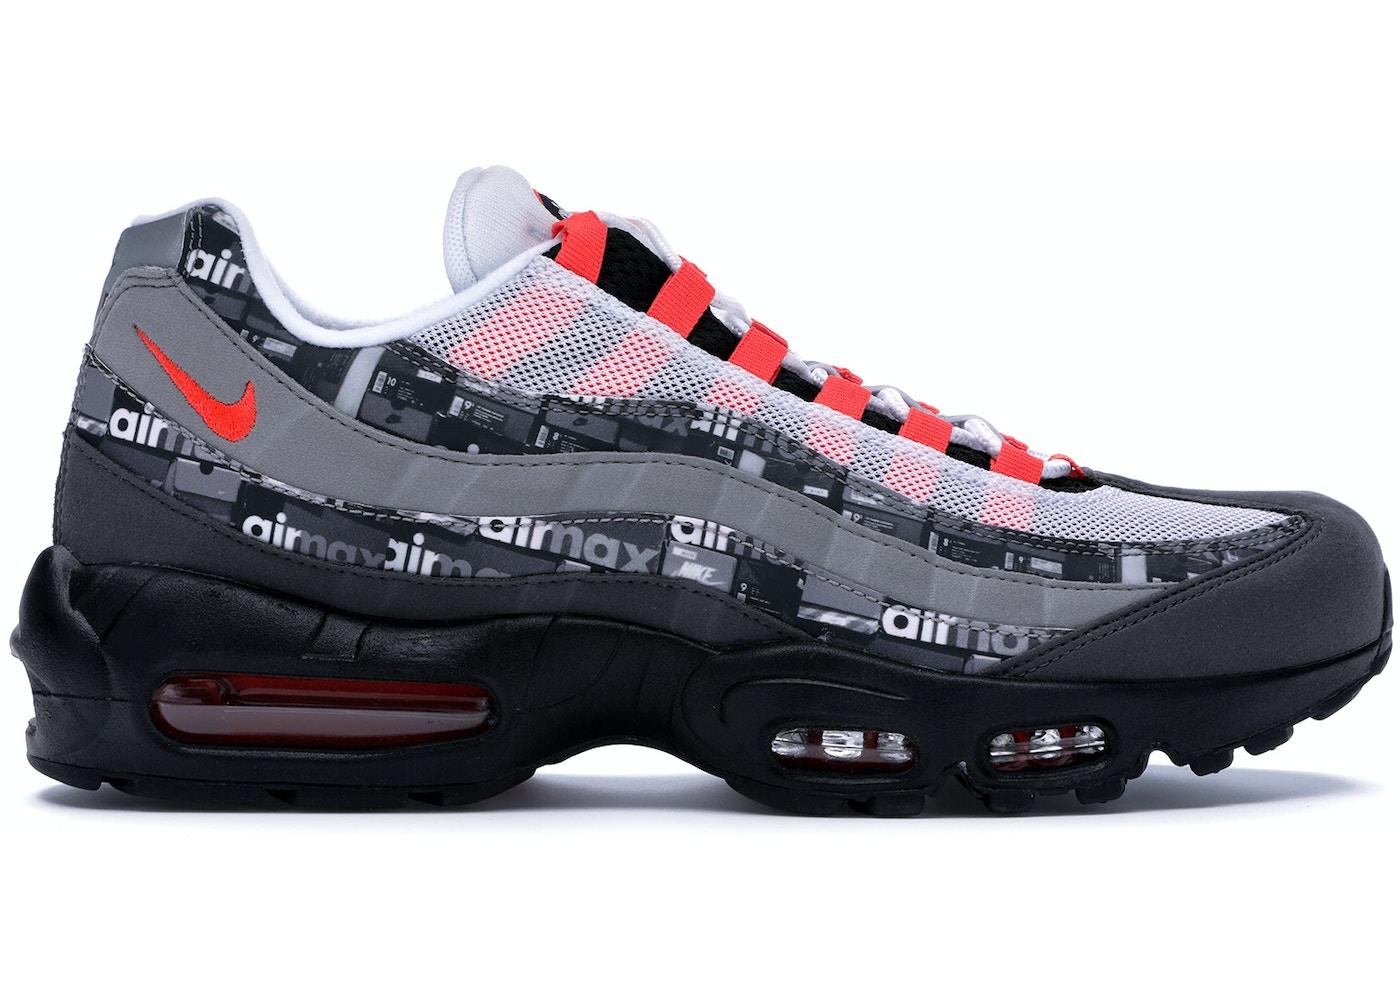 detailing de19f ebb6b Buy Nike Air Max 95 Shoes   Deadstock Sneakers